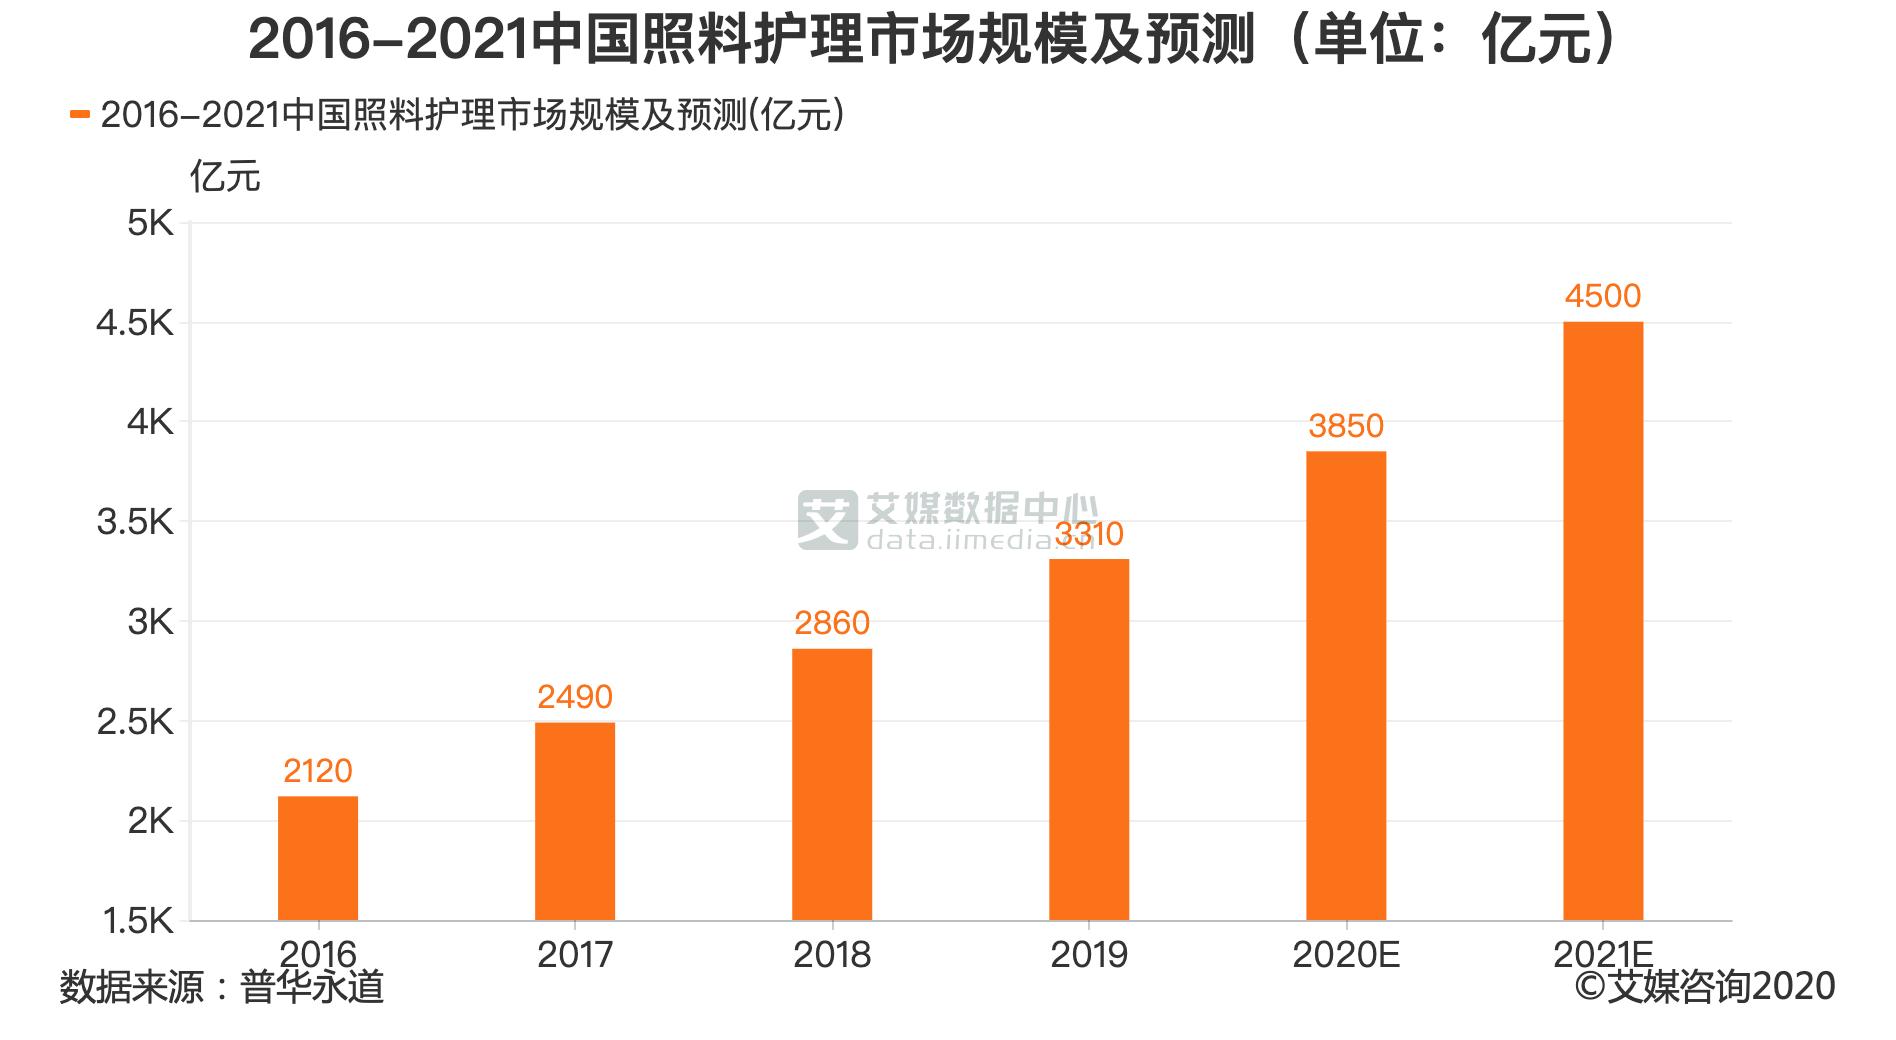 2016-2021中国照料护理市场规模及预测(单位:亿元)